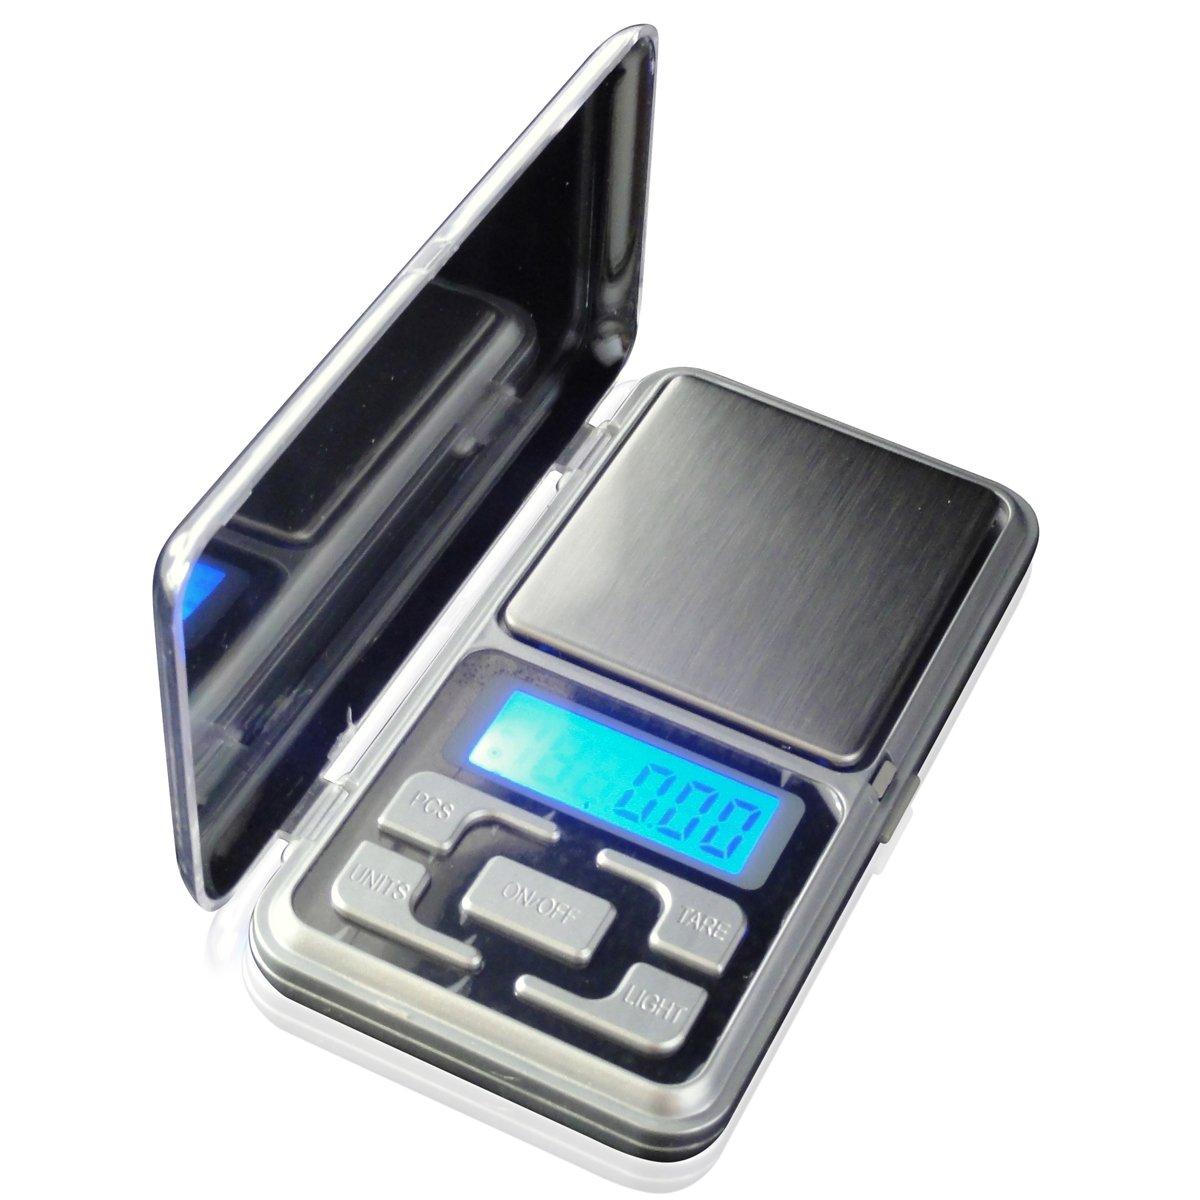 LUPO Bilance Tascabili - Digital 500 g x 0, 1 g - Display LCD Retroilluminato Elettronico per Gioielli in Oro LUPO SV0008